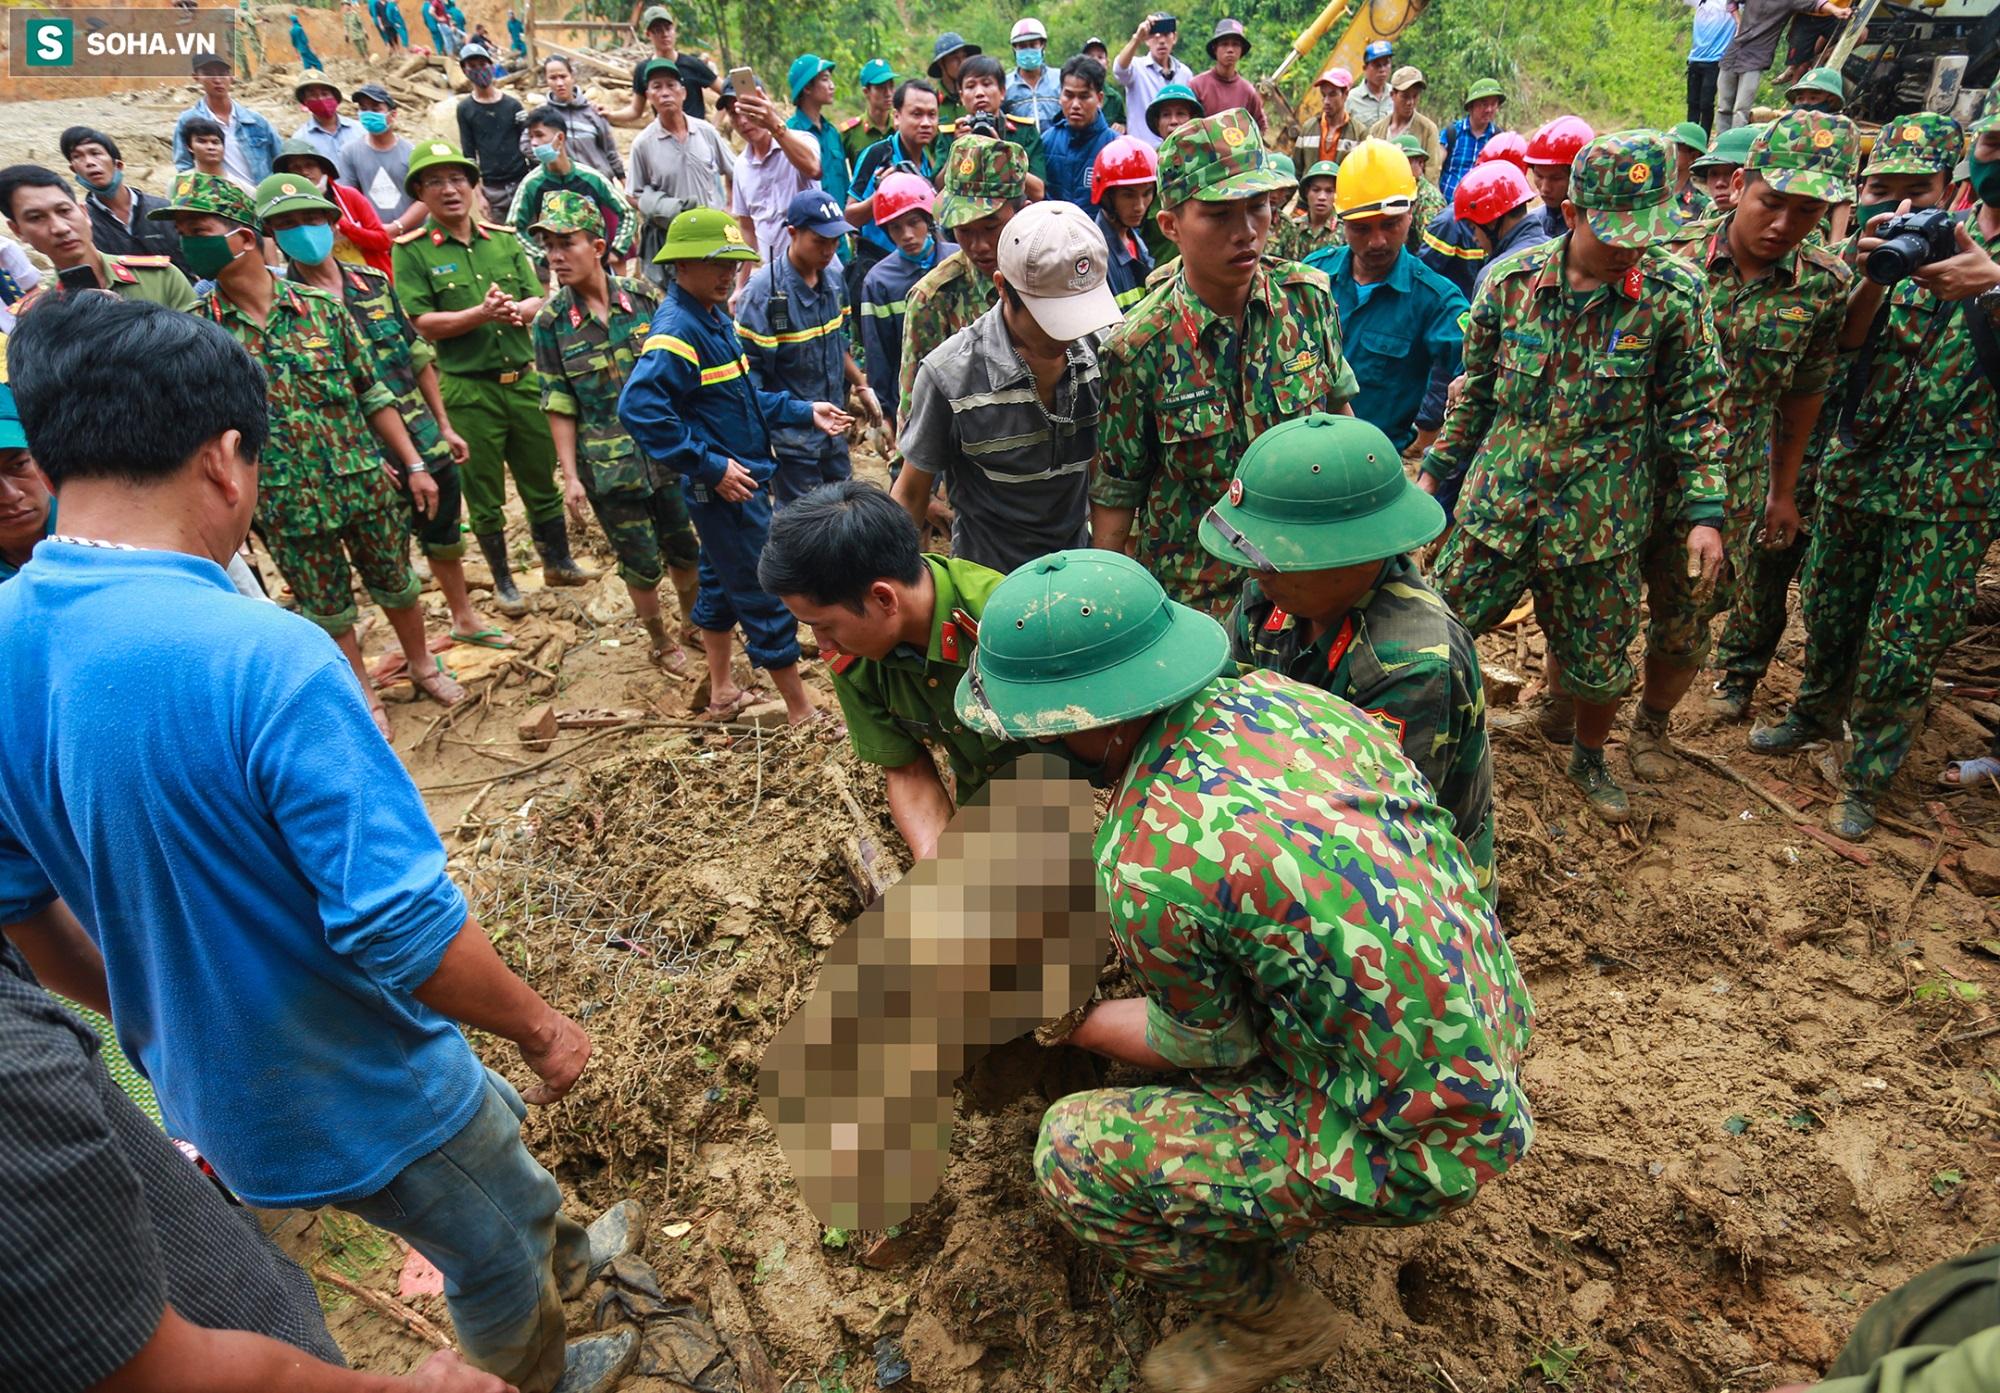 [Ảnh] Dân làng khóc nghẹn khi tìm thấy bé trai 10 tháng tuổi dưới lớp bùn đất vụ sạt lở ở Trà Leng - Ảnh 7